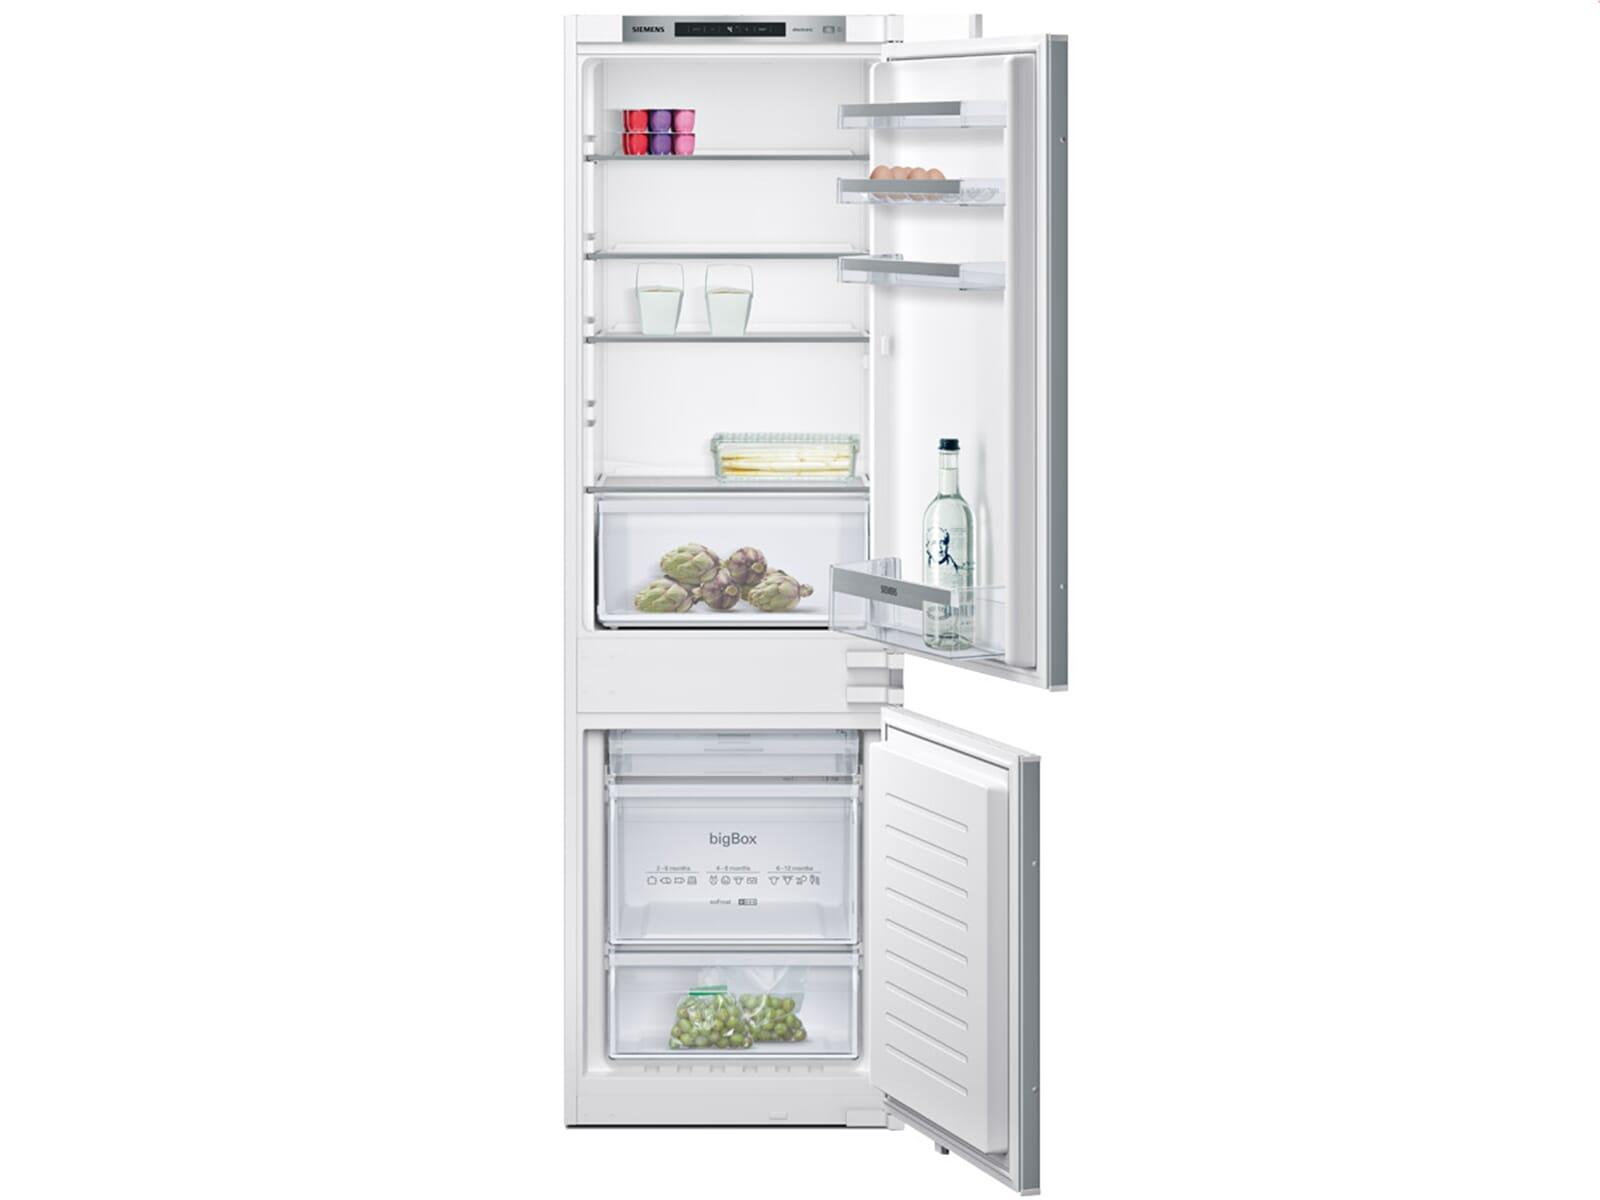 Siemens Kühlschrank Gefrierkombi : Siemens ki nvs einbau kühl gefrierkombination